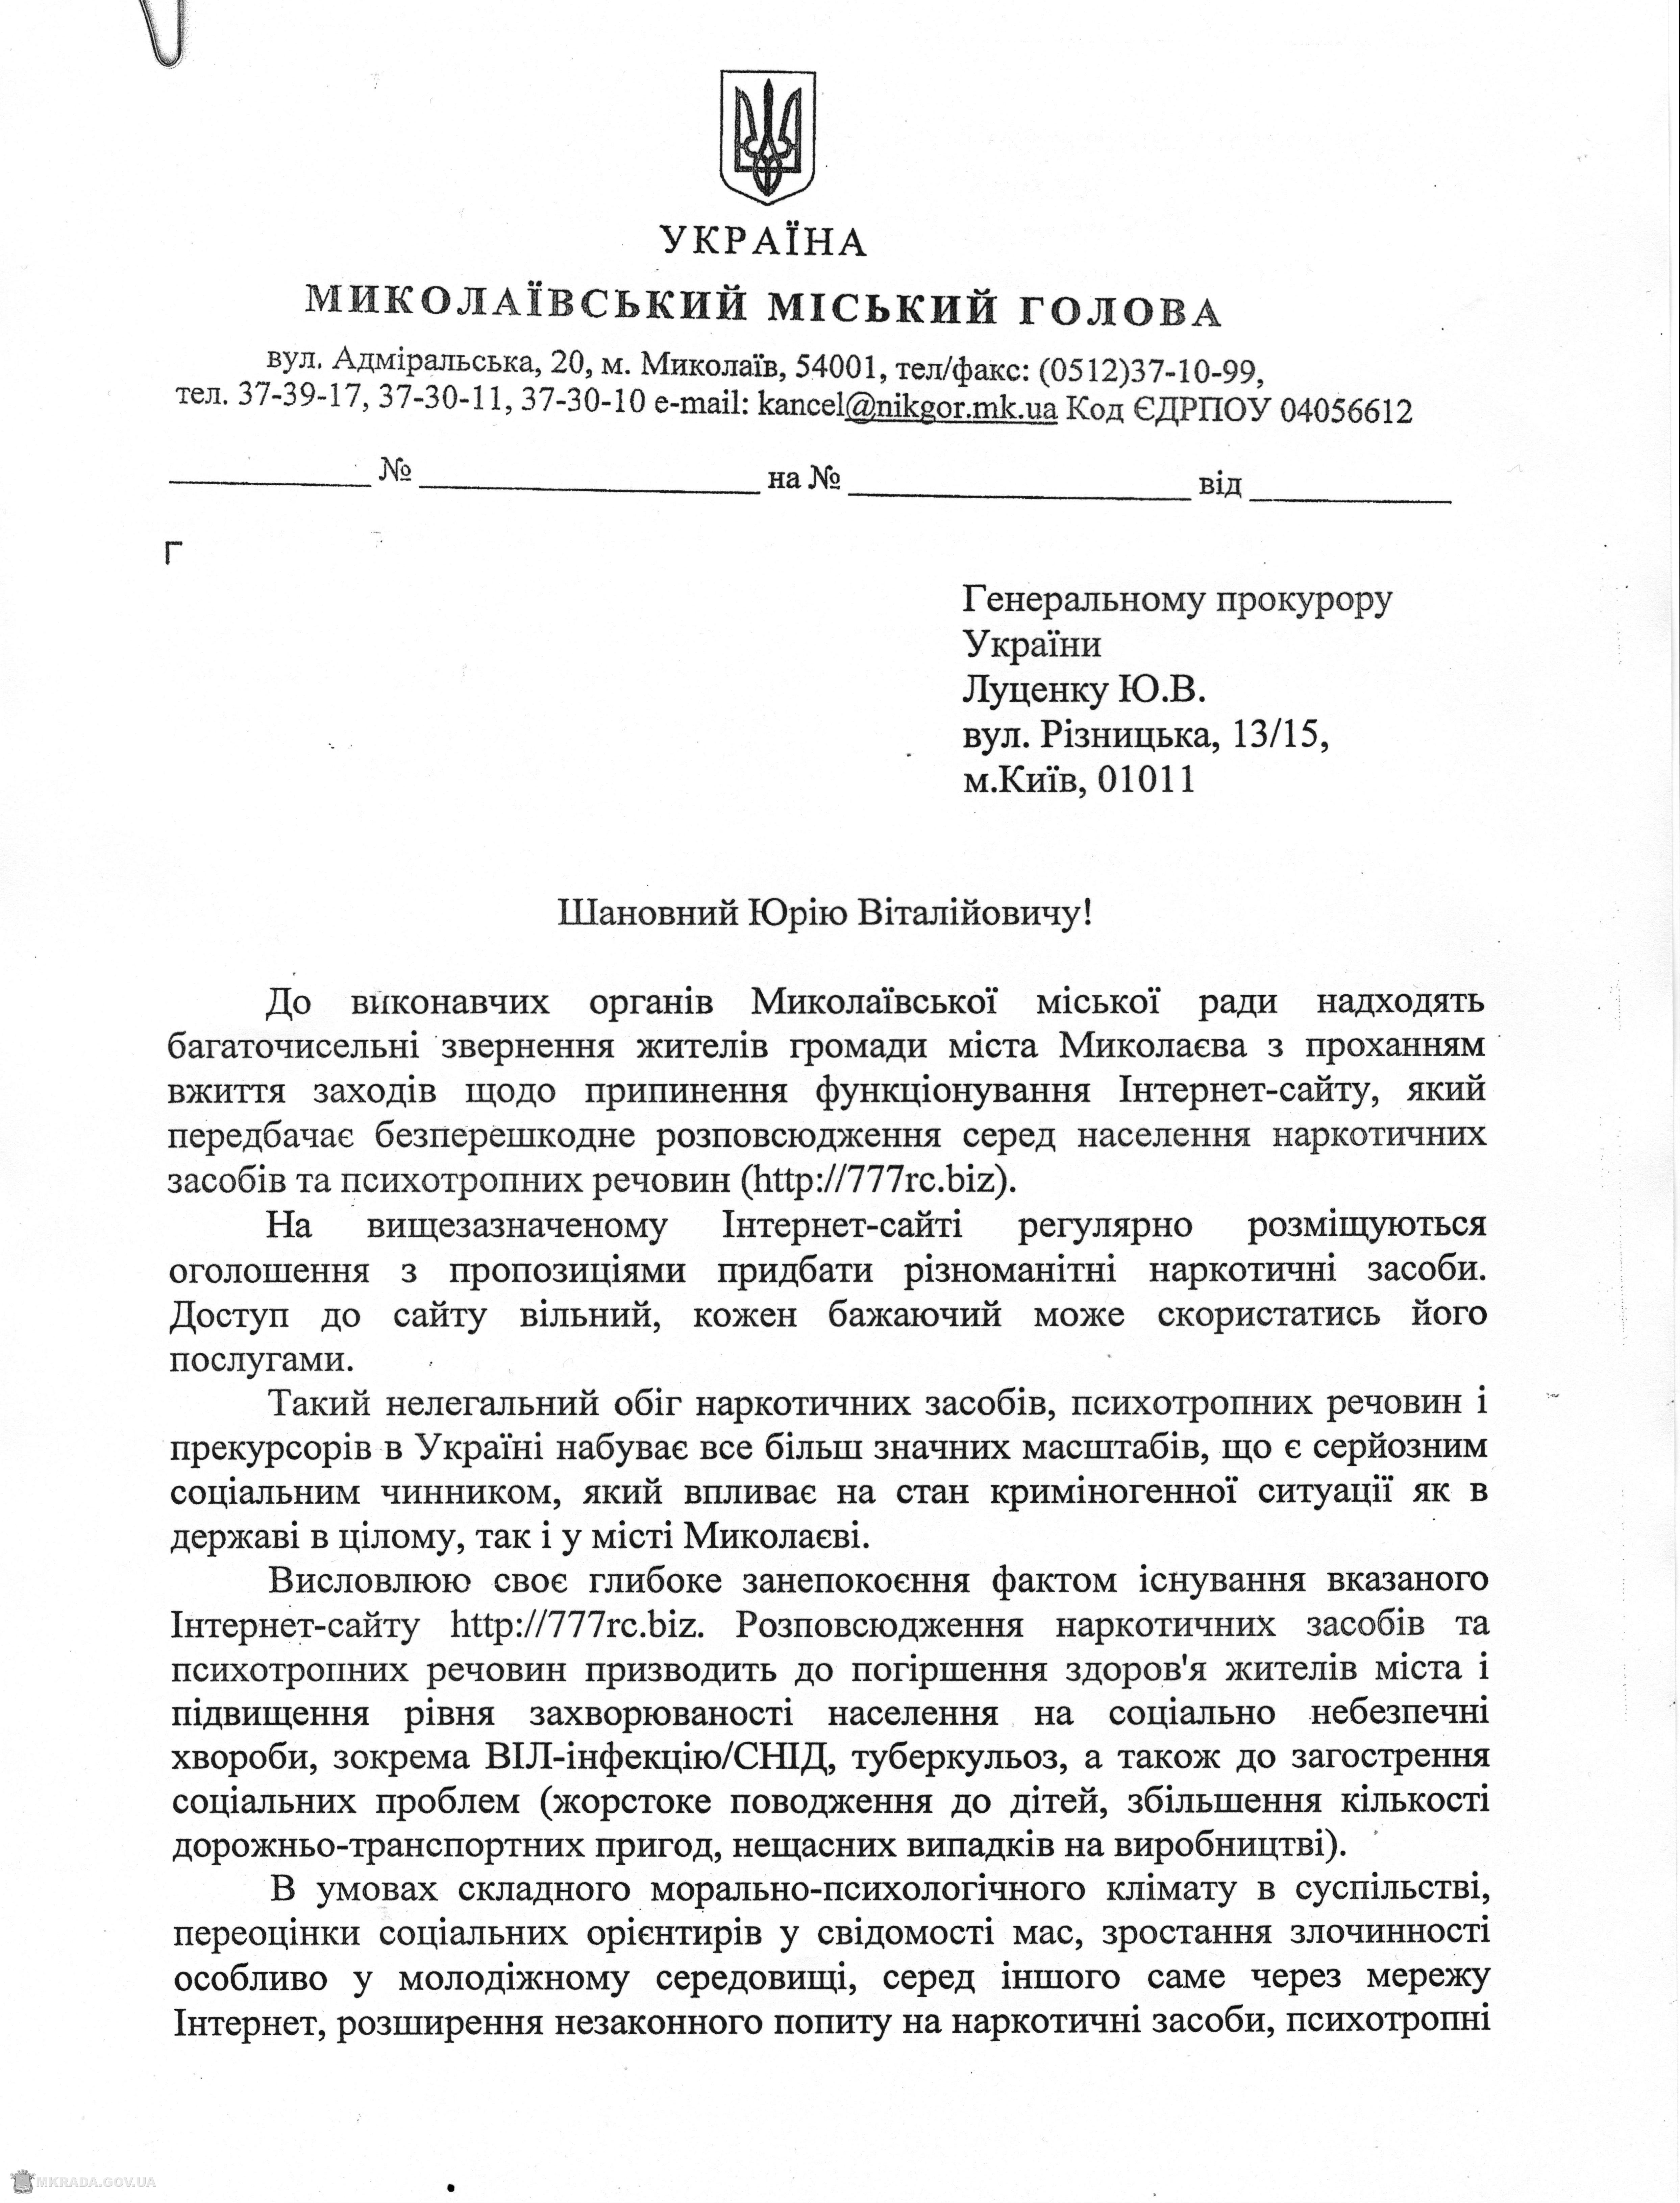 Мер Миколаєва просить Луценка закрити сайт, що торгує наркотиками - фото 1